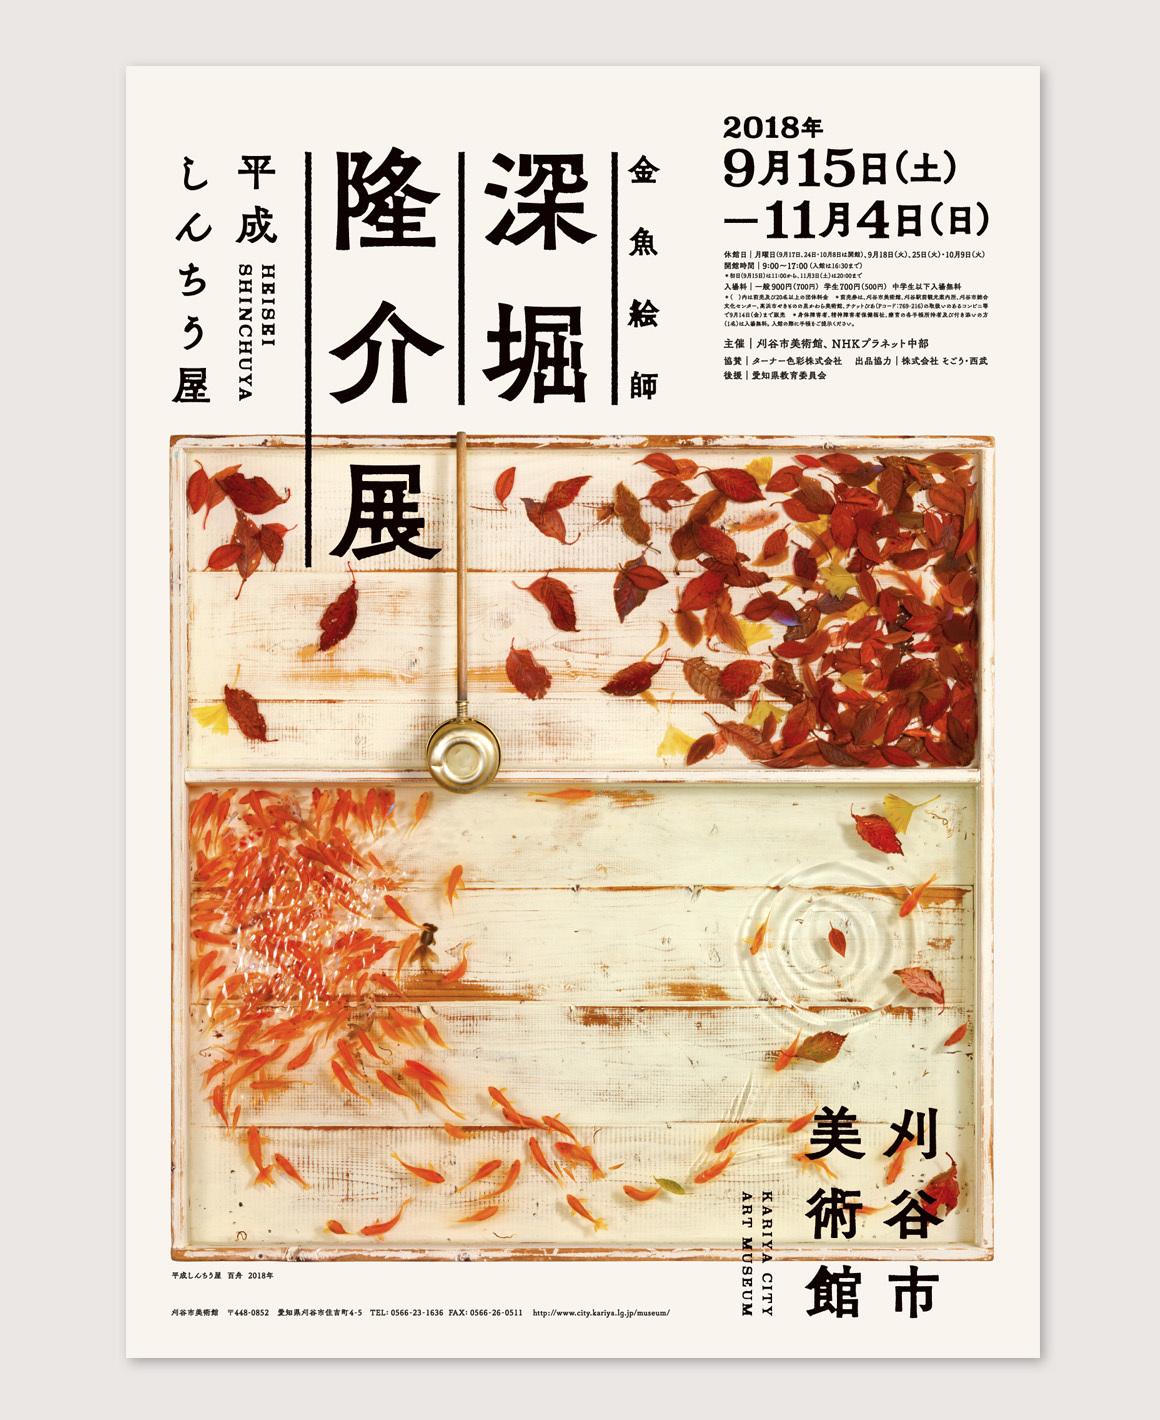 WORKS|金魚絵師 深堀隆介展 平成しんちう屋_e0206124_12363911.jpg